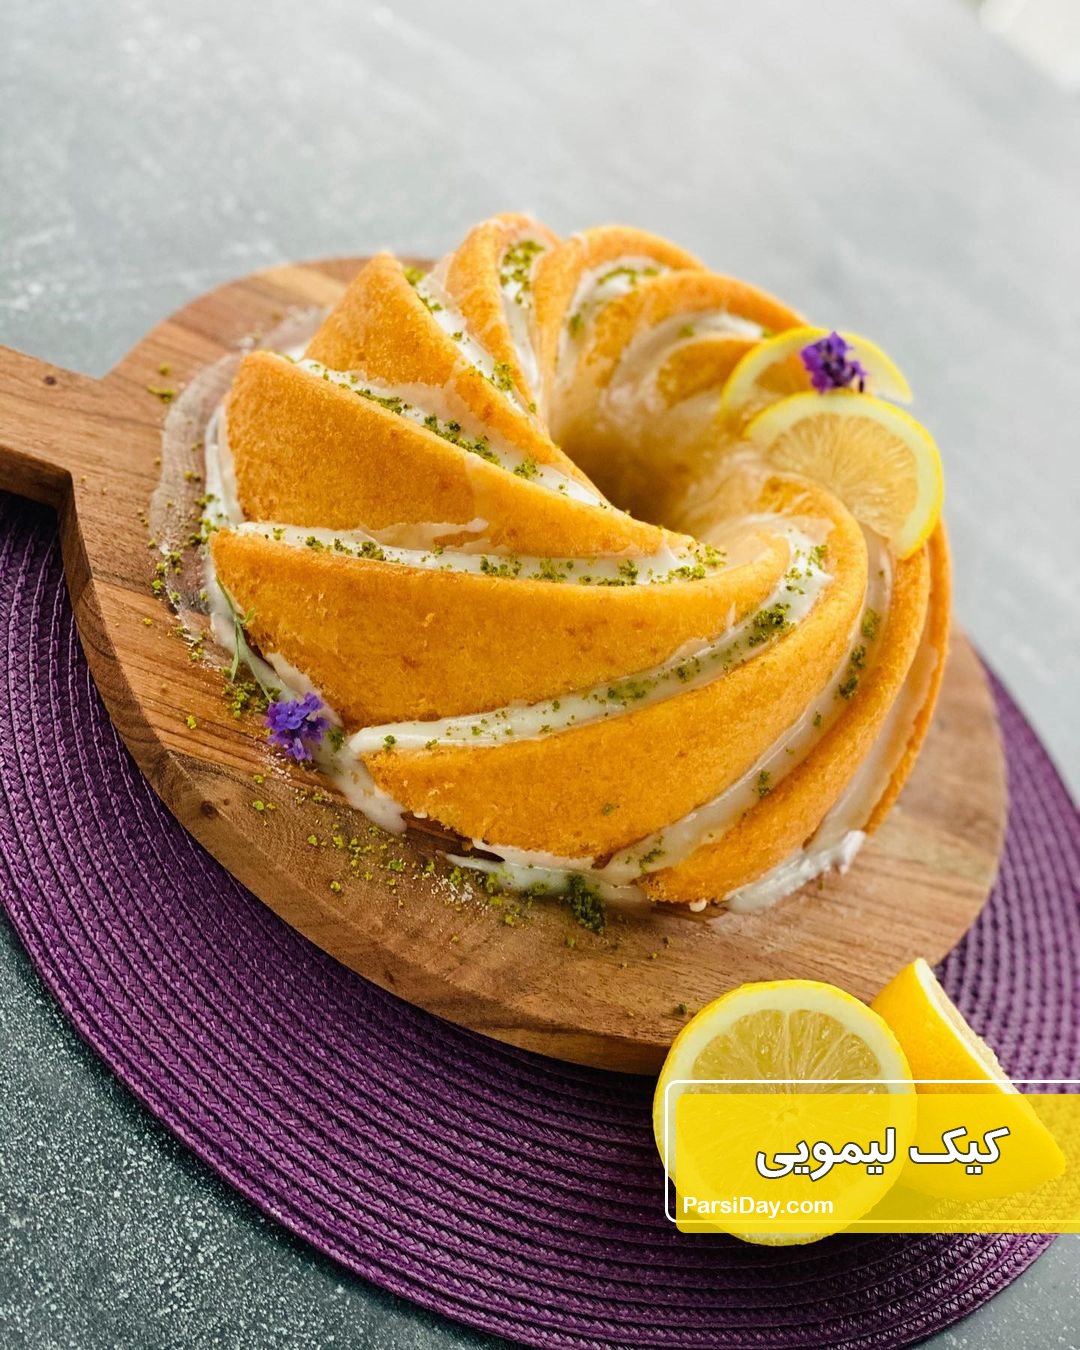 طرز تهیه کیک لیمویی ساده خانگی با کرم لیمو عالی بدون شیر